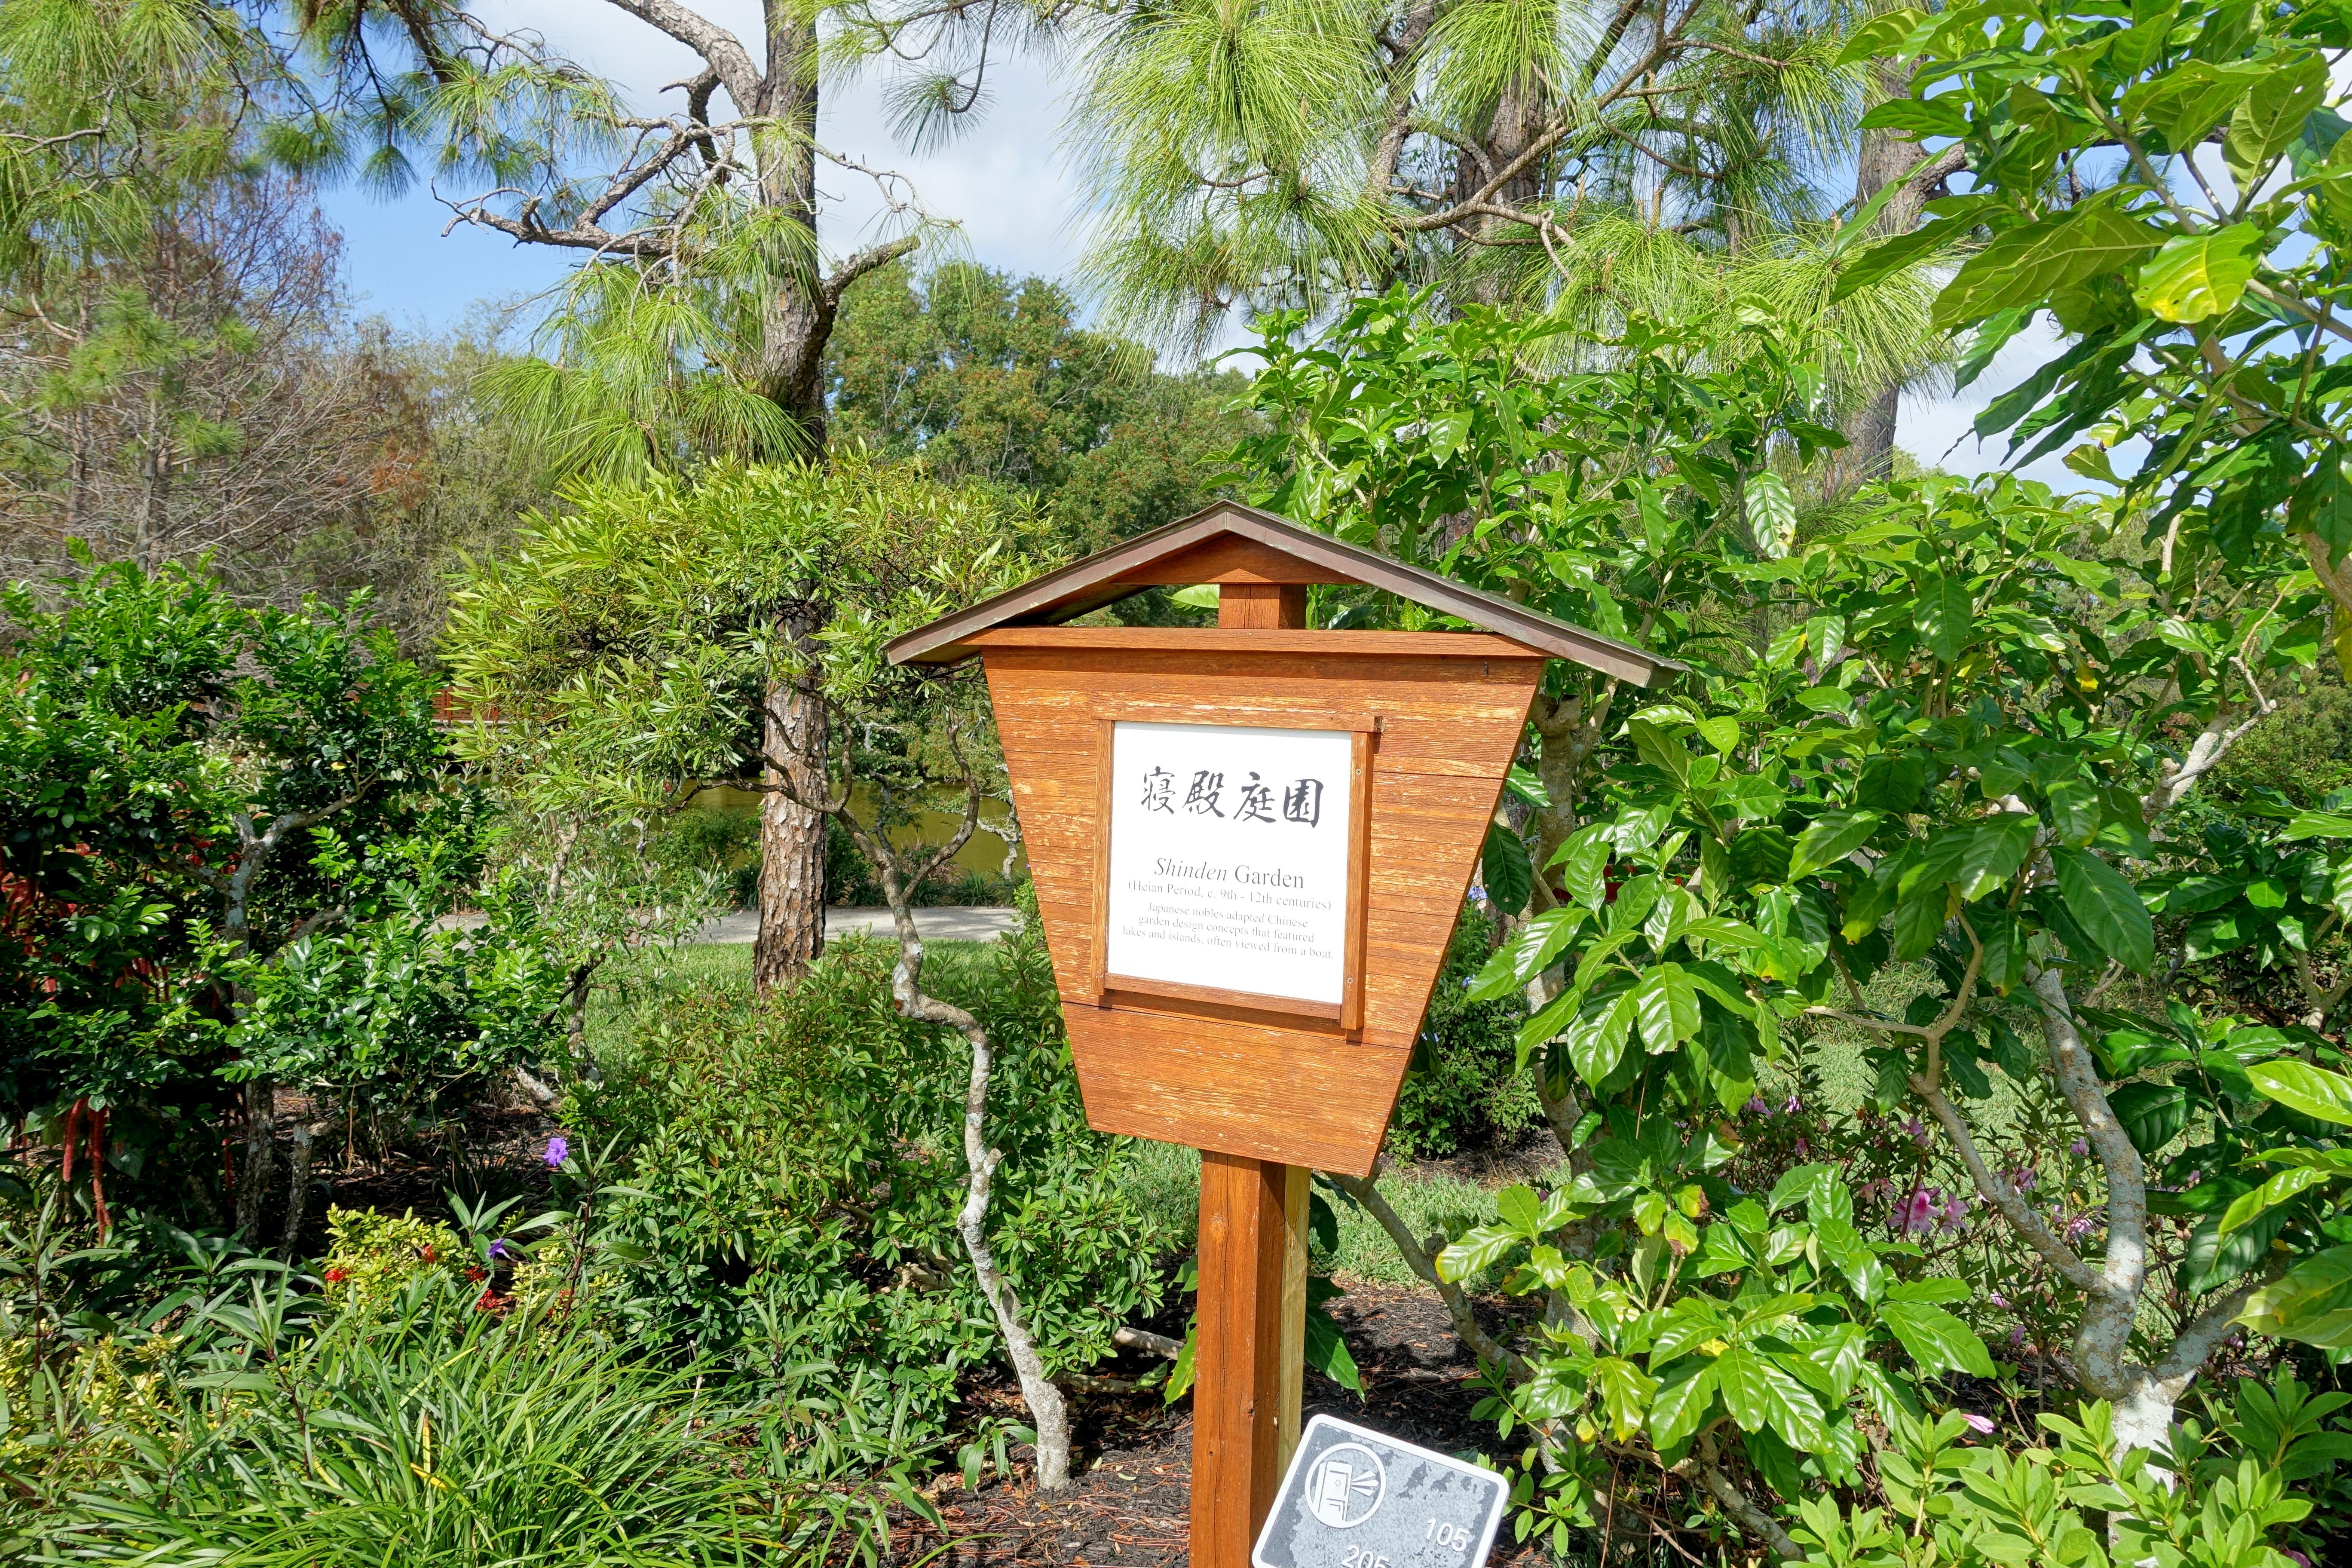 file:shinden garden - morikami museum and japanese gardens